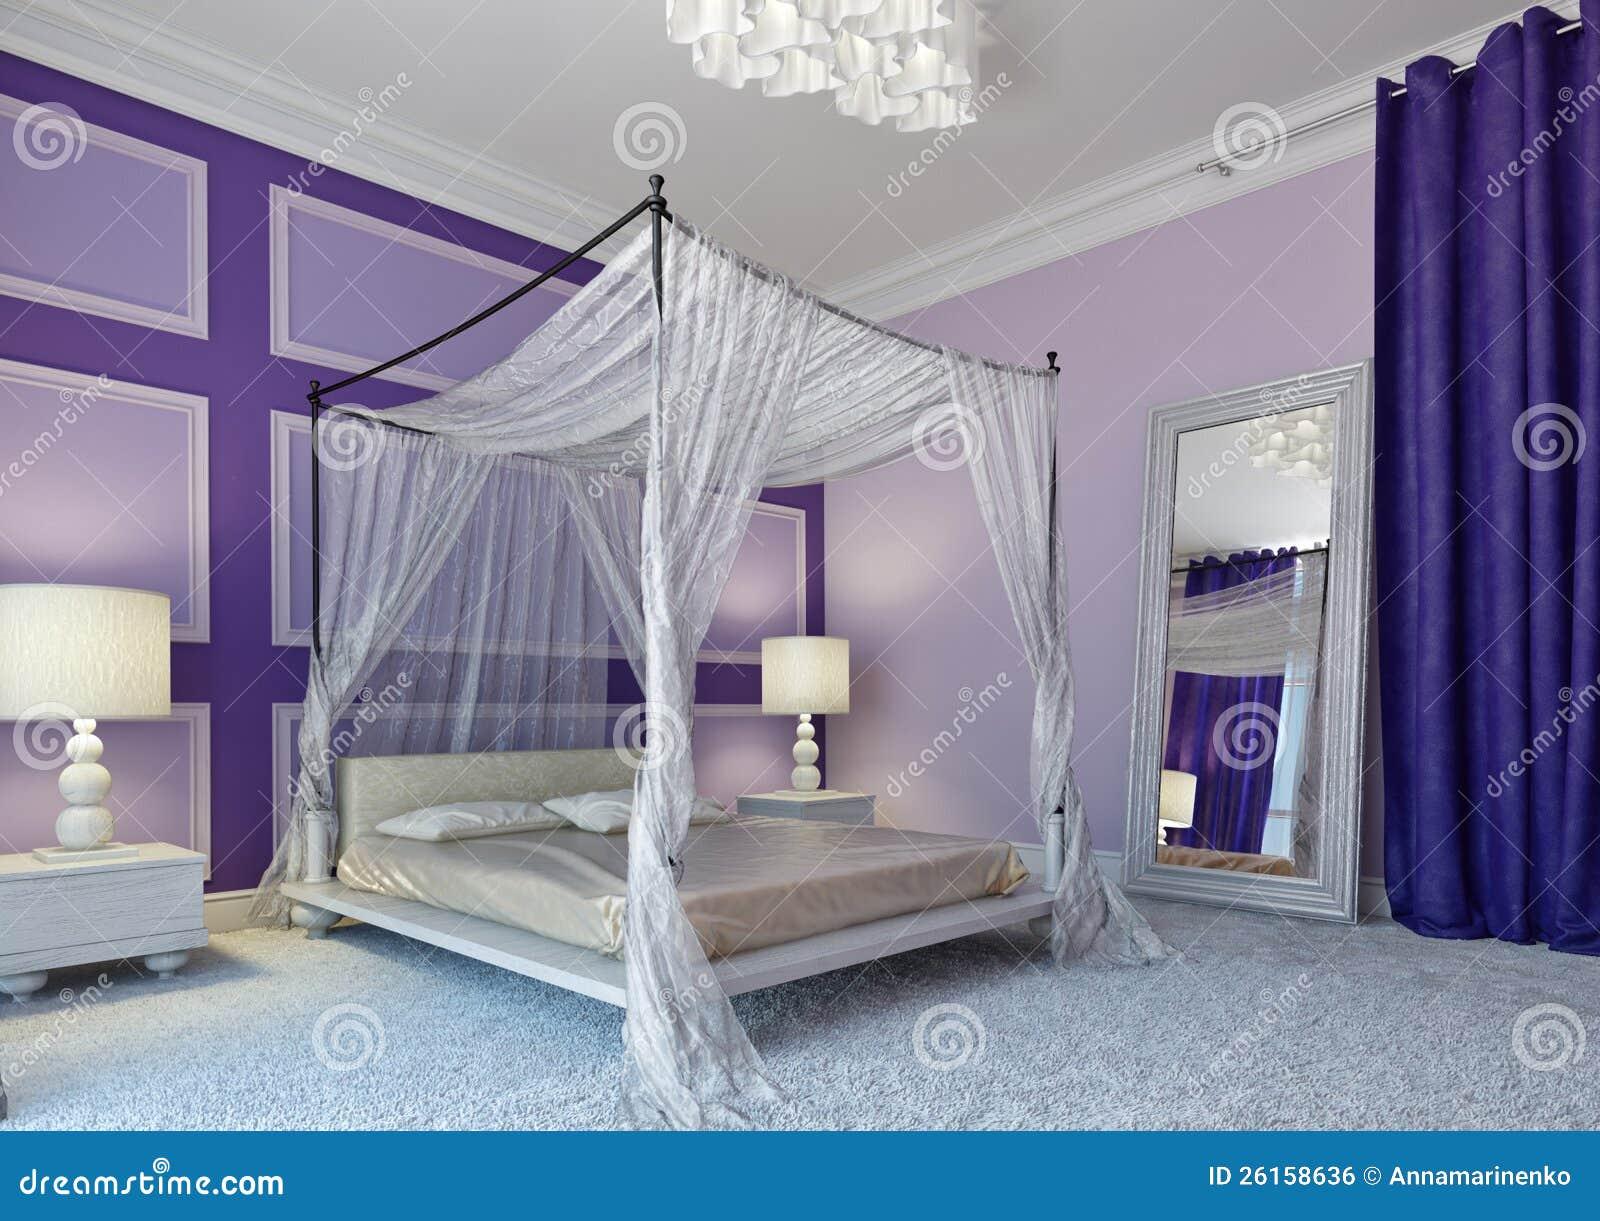 Arabische Slaapkamer Royalty-vrije Stock Afbeelding - Afbeelding ...